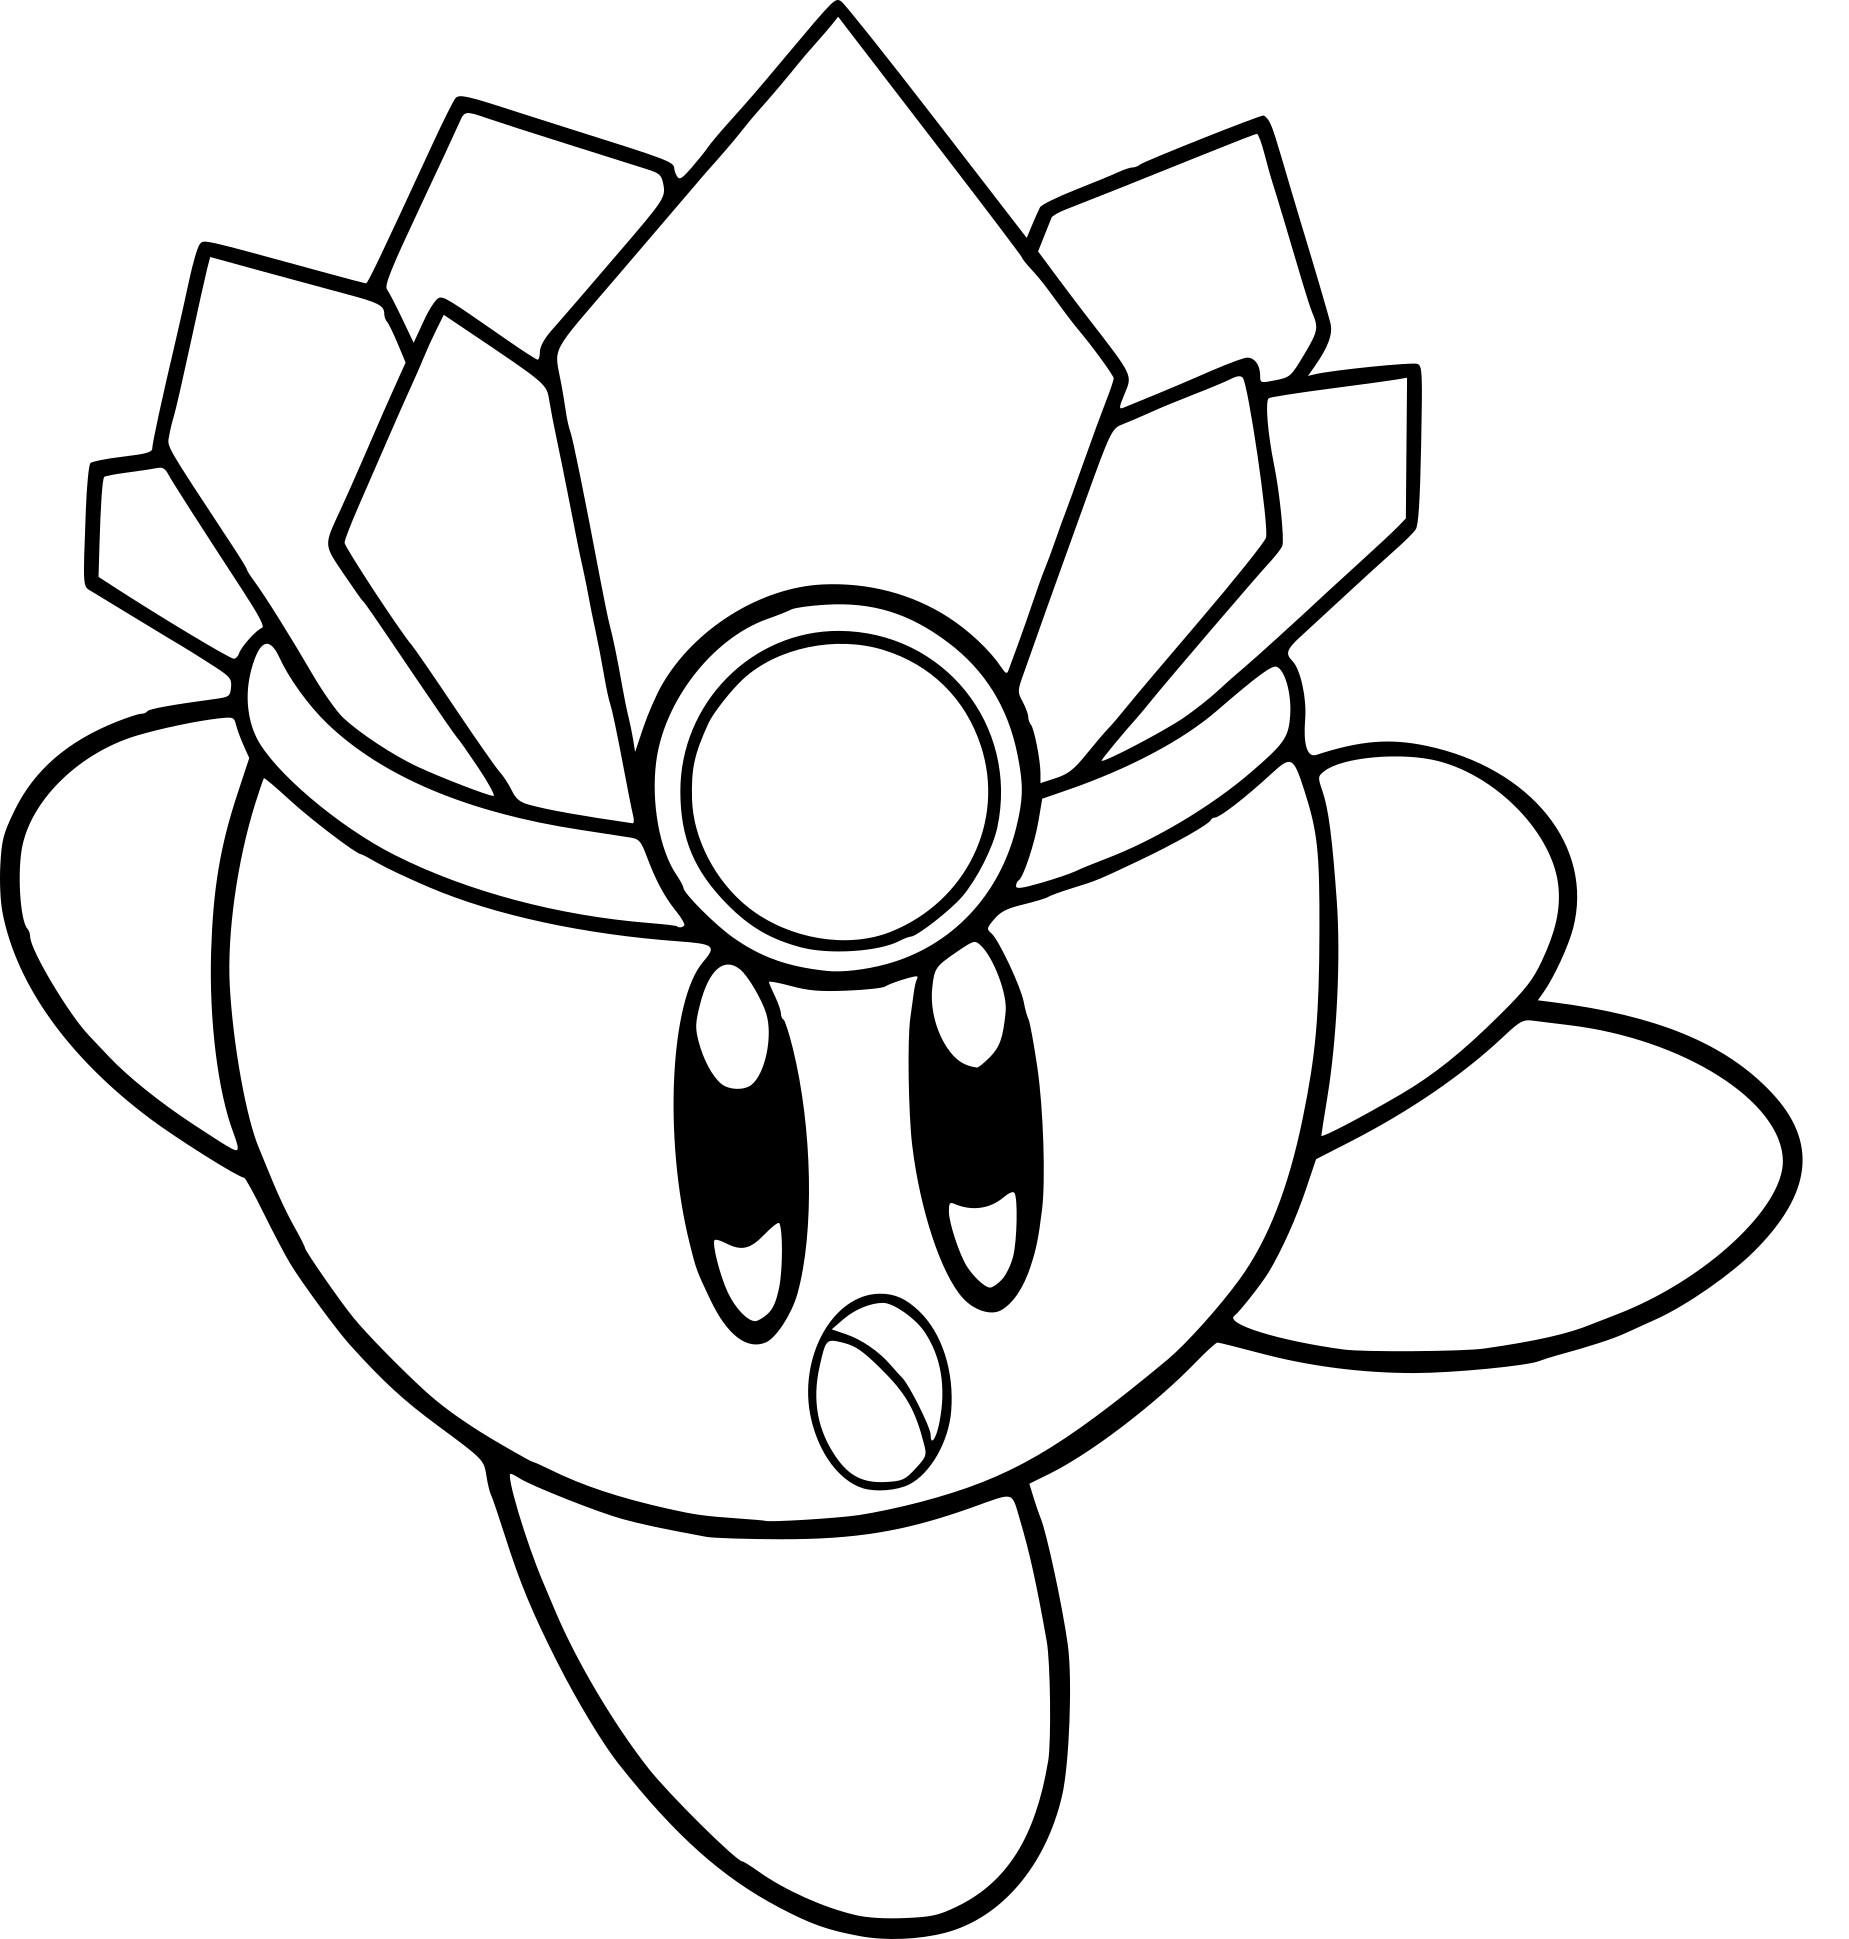 Coloriages À Imprimer : Kirby, Numéro : 430C9D1E concernant Coloriage Aspirateur